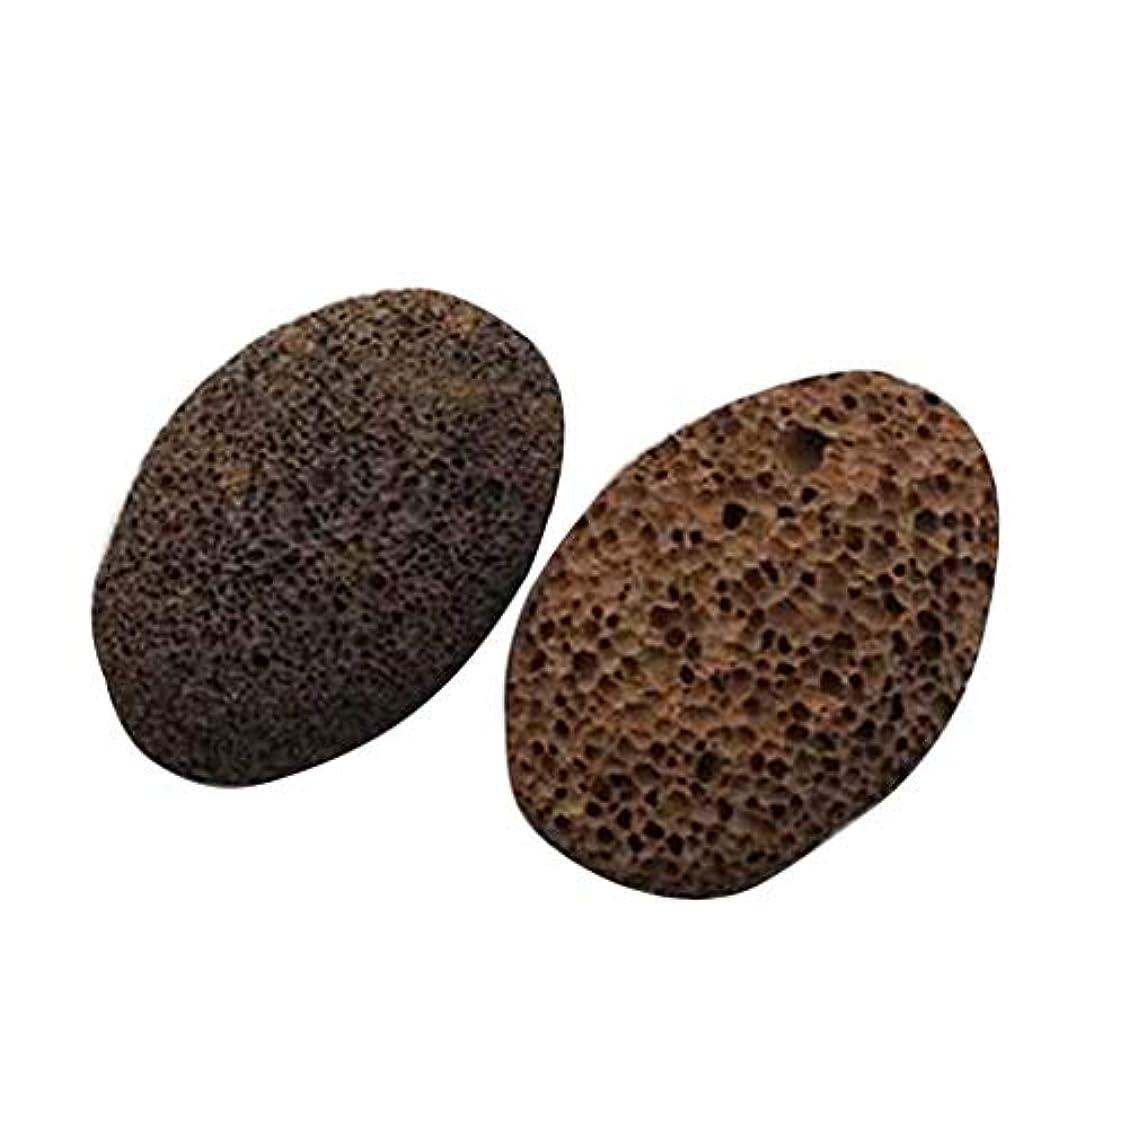 立派なターゲット暗記するNerhaily 死んだ皮軽石を取り除き 足石を挽いて 自然の火山石を剥がします 足マッサージ石 ワイプ足石 2個セット